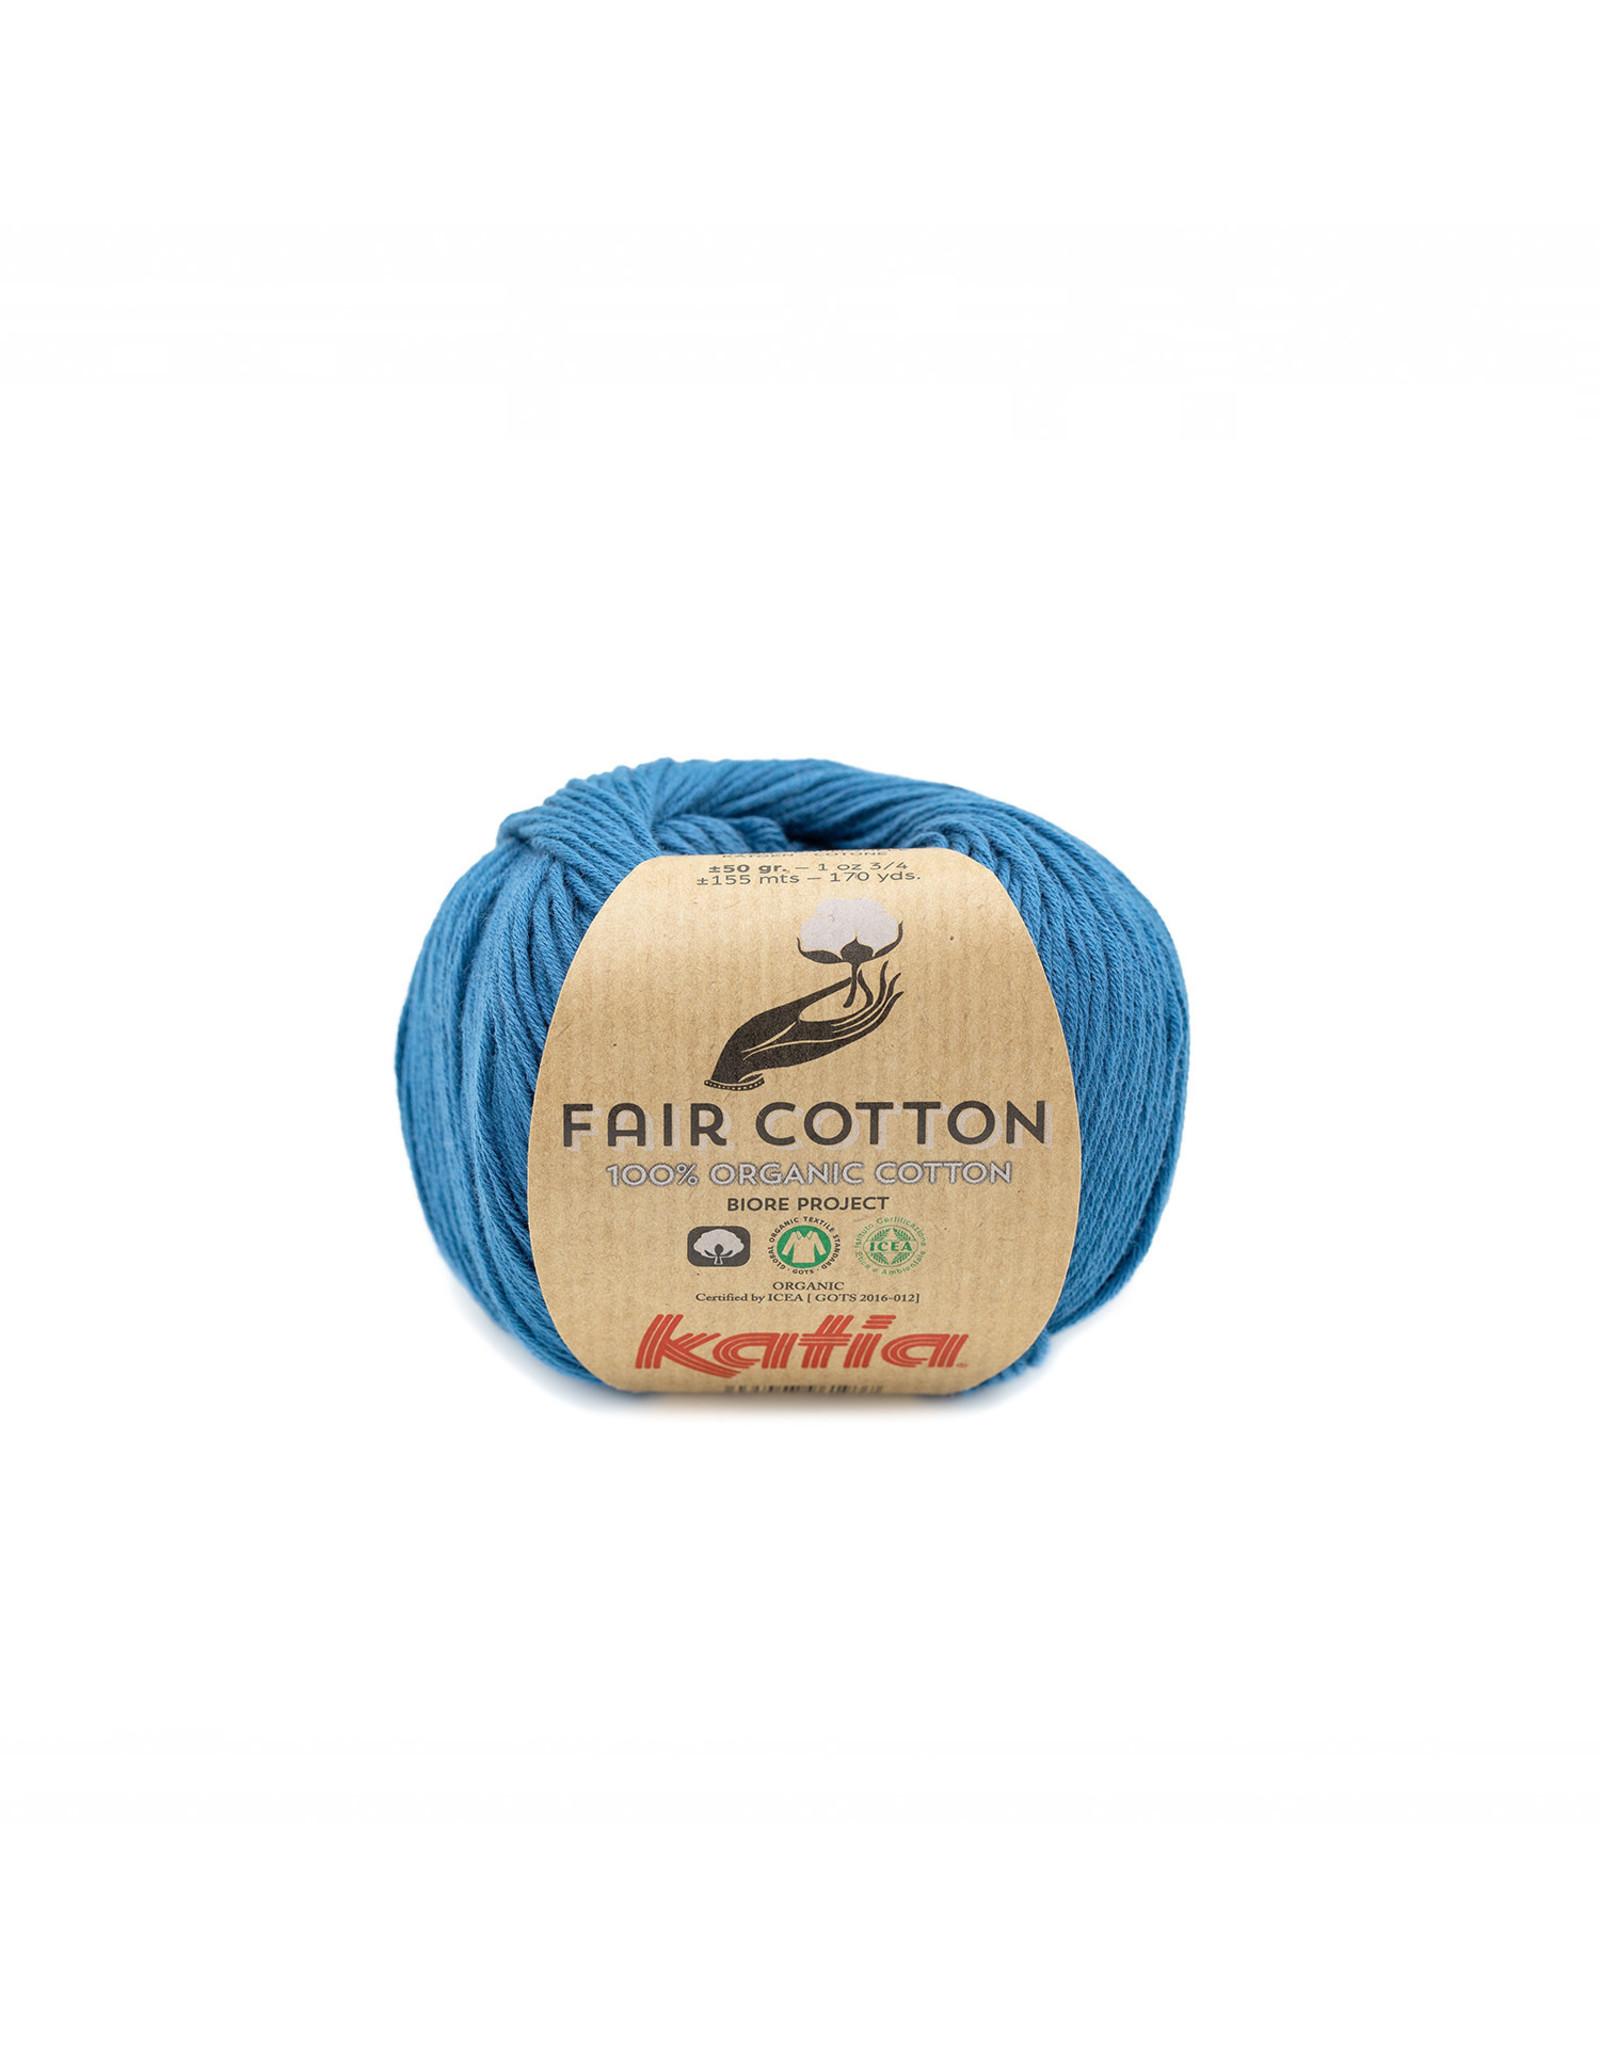 Katia Katia Fair Cotton Kleur 38 - groenblauw - 100% biol. GOTS katoengaren - bundel 5 x 50 gr./155 m.